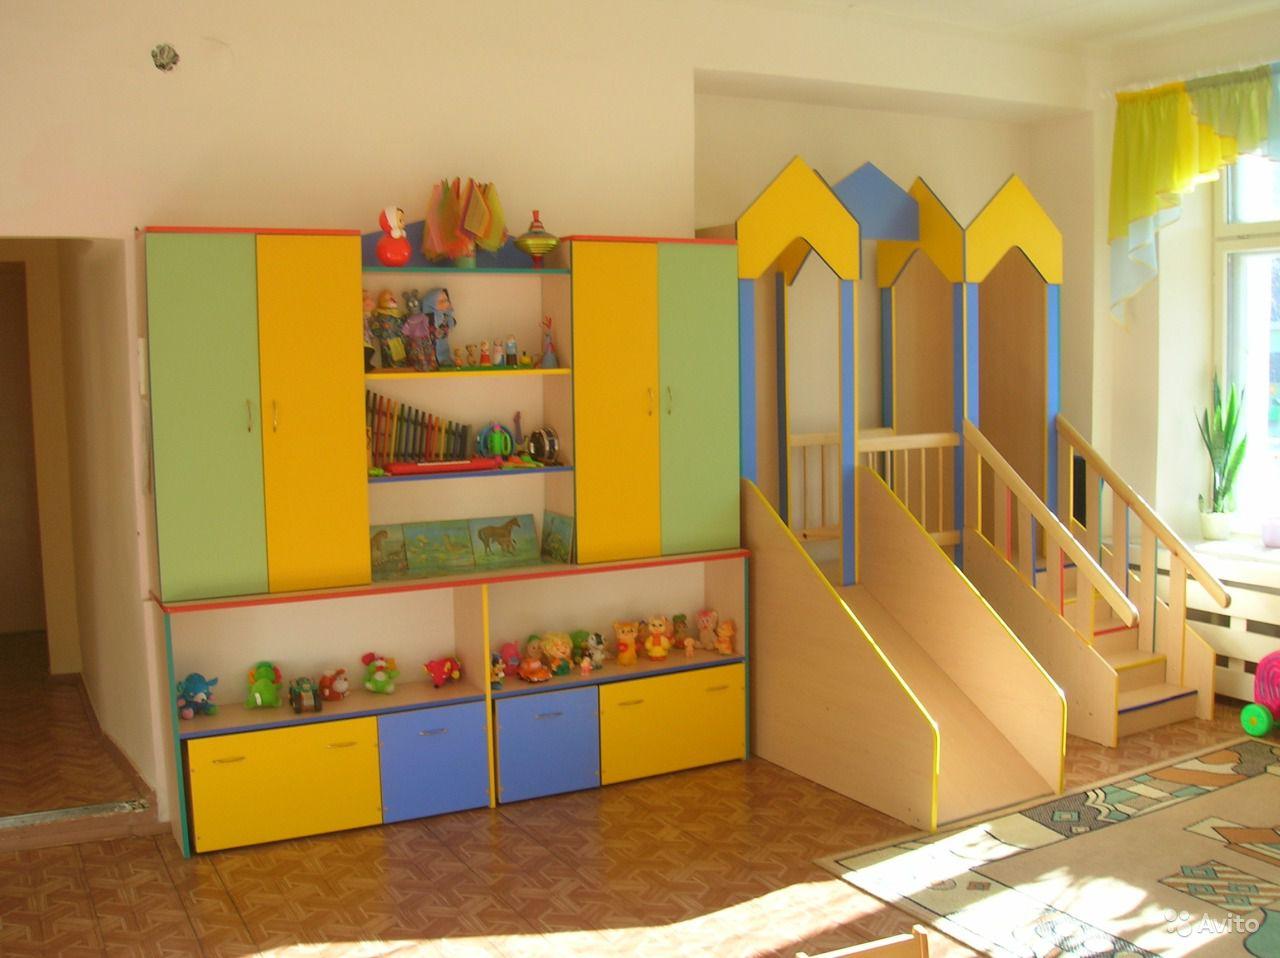 Мебель для детских садов оптом, купить оптом по низким ценам.